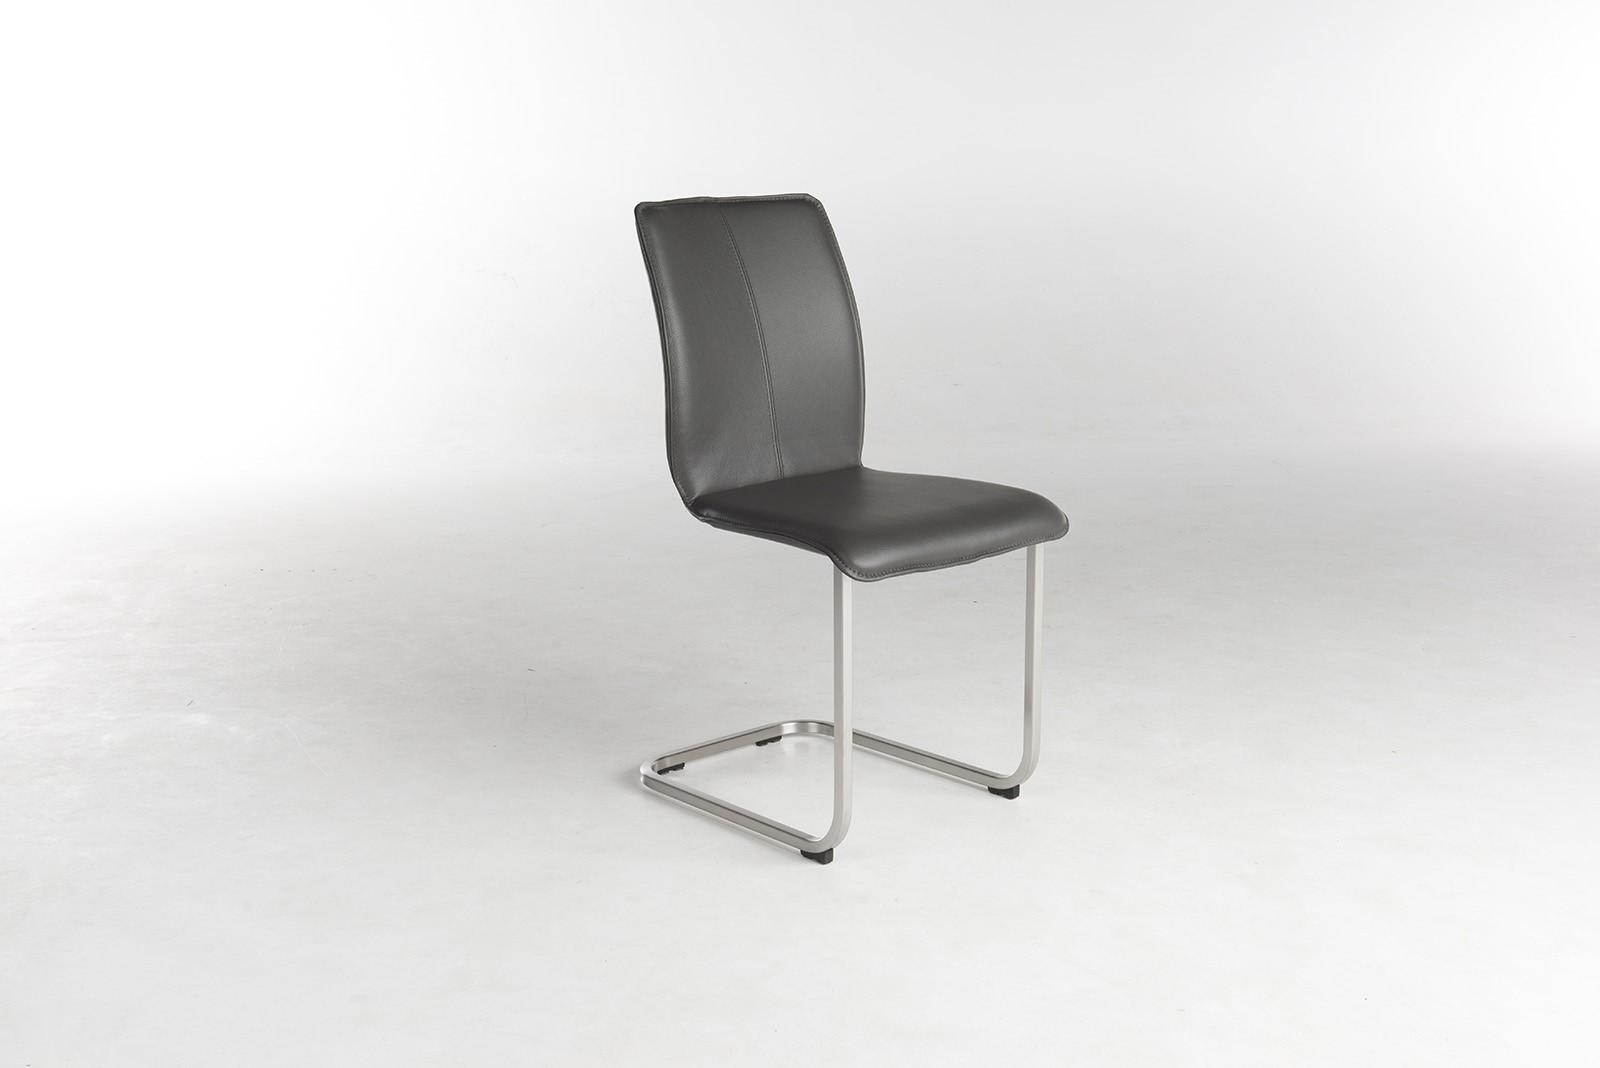 Tara Freischwinger - chair | bert plantagie